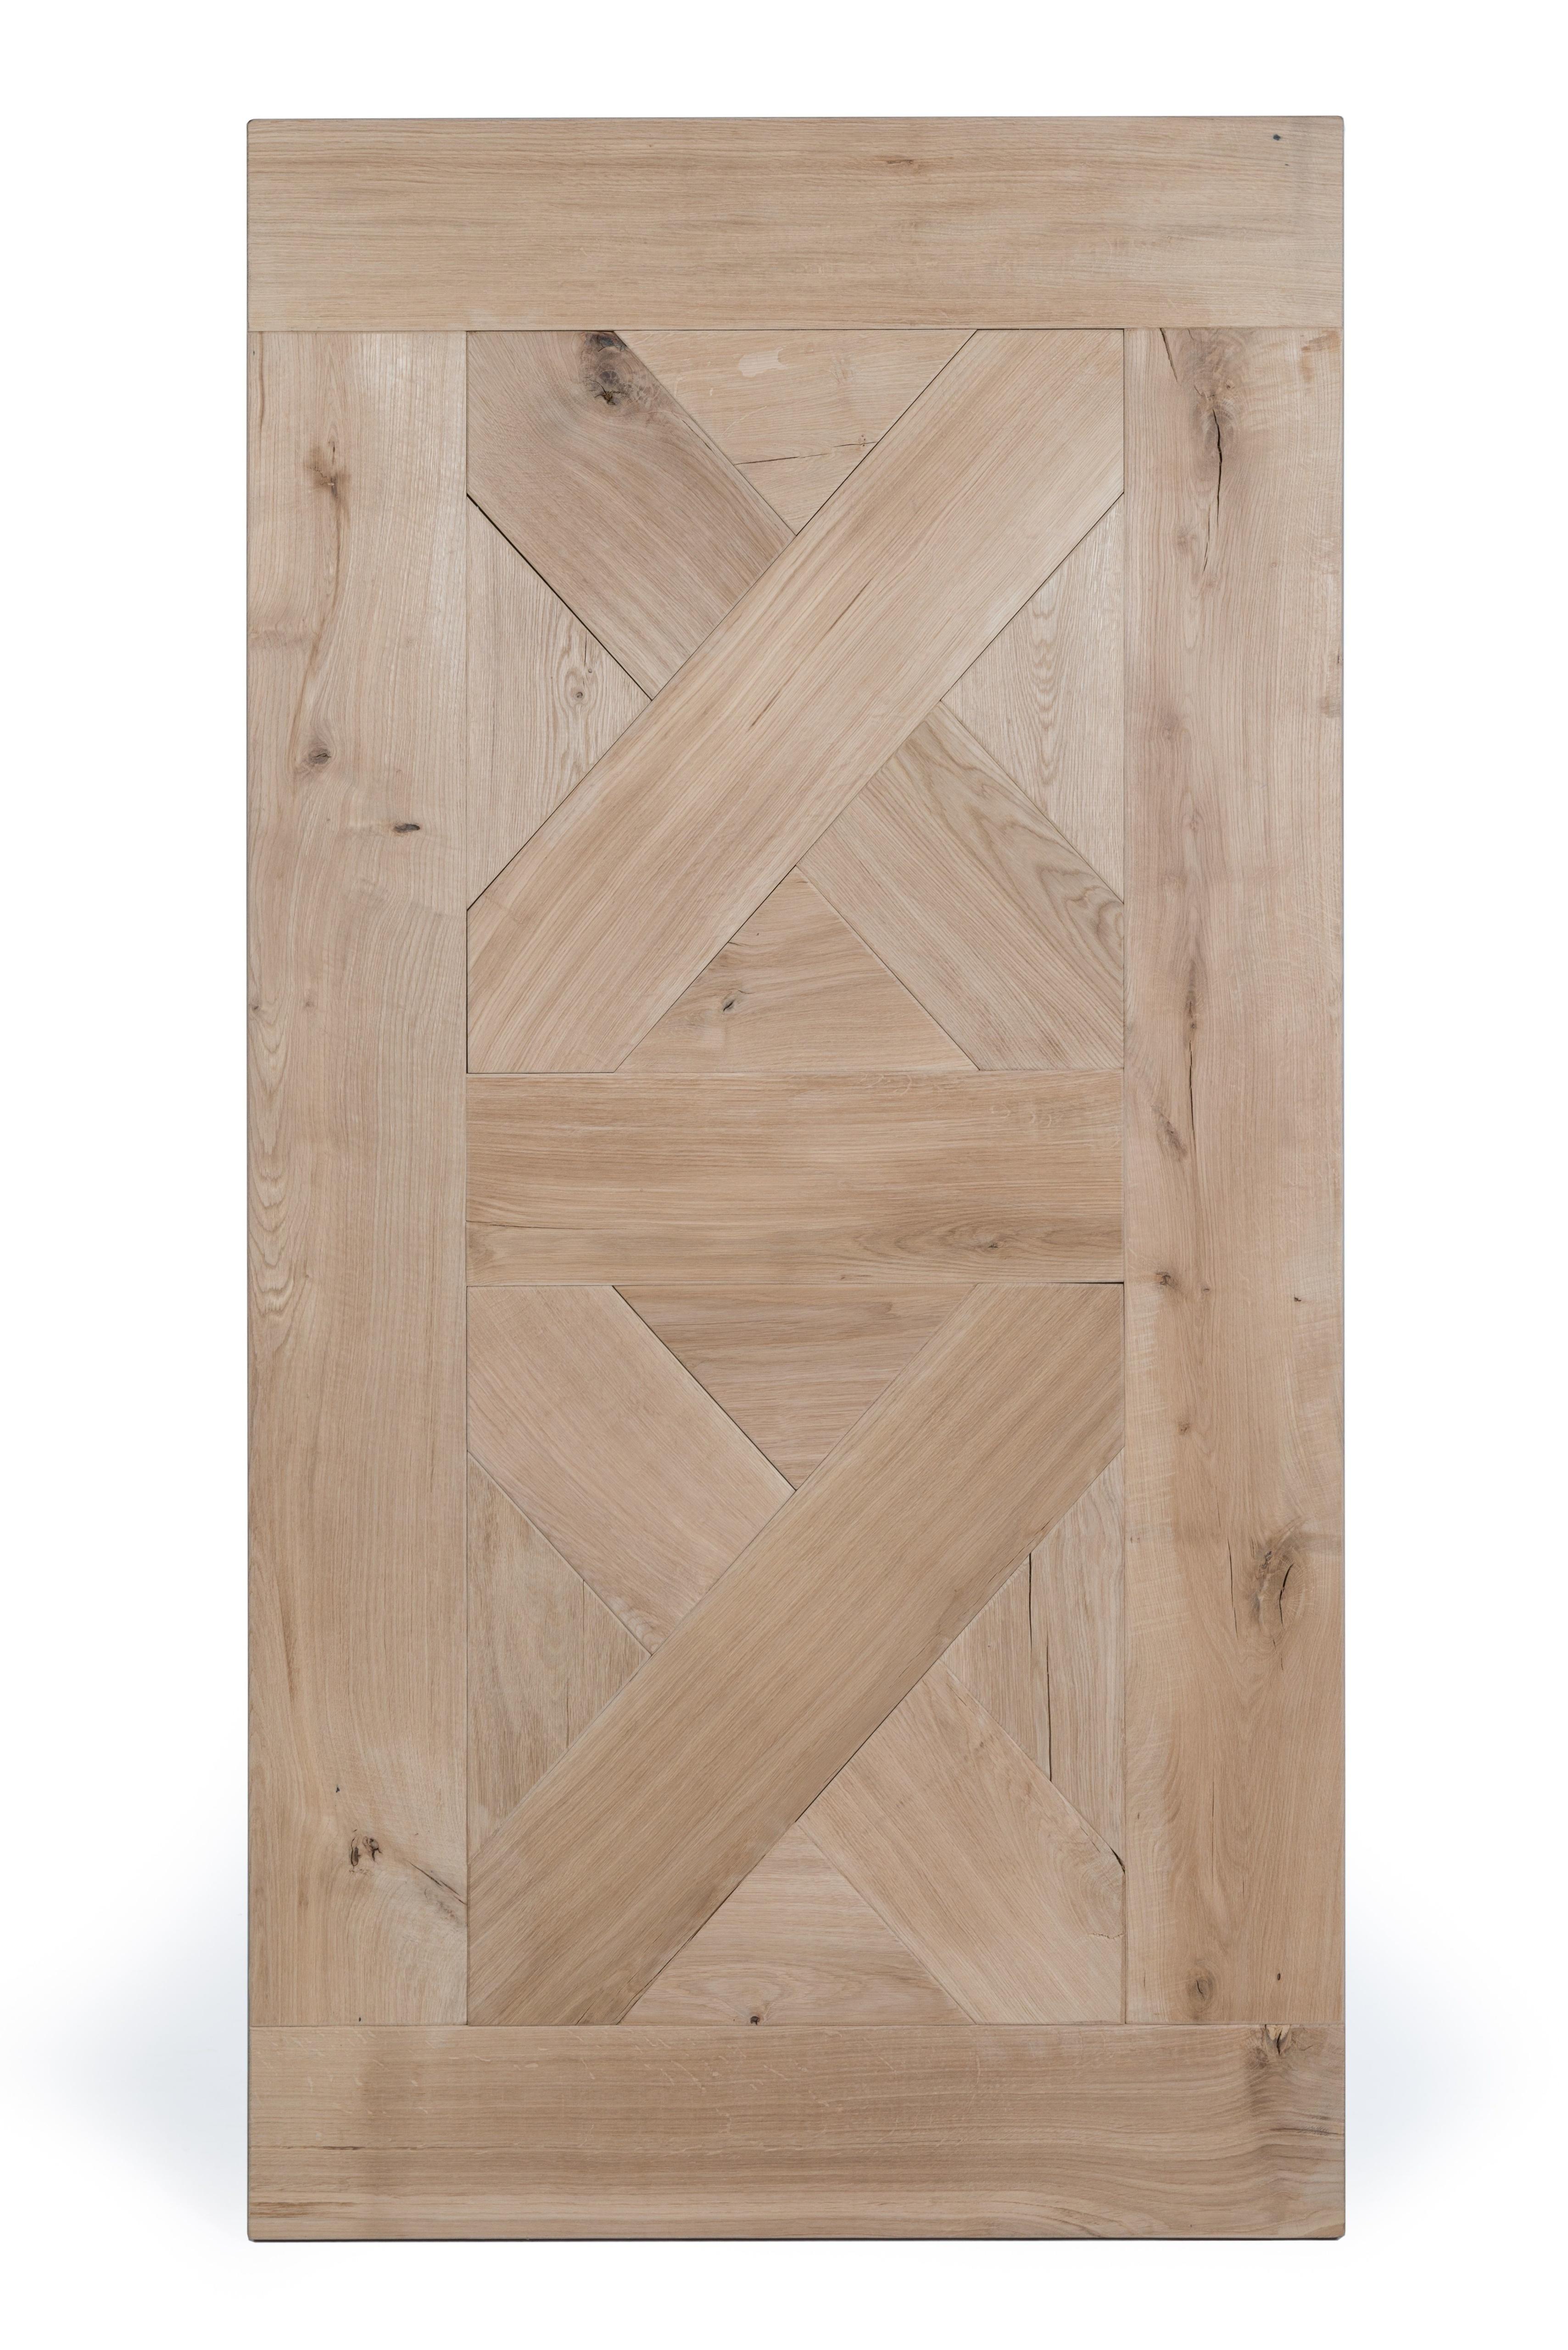 Eiken tafelblad speciaal - 4,5 cm dik (1-laag) - Diverse afmetingen - rustiek Europees eikenhout - GEBORSTELD + V-GROEVEN - verlijmd kd 10-12%